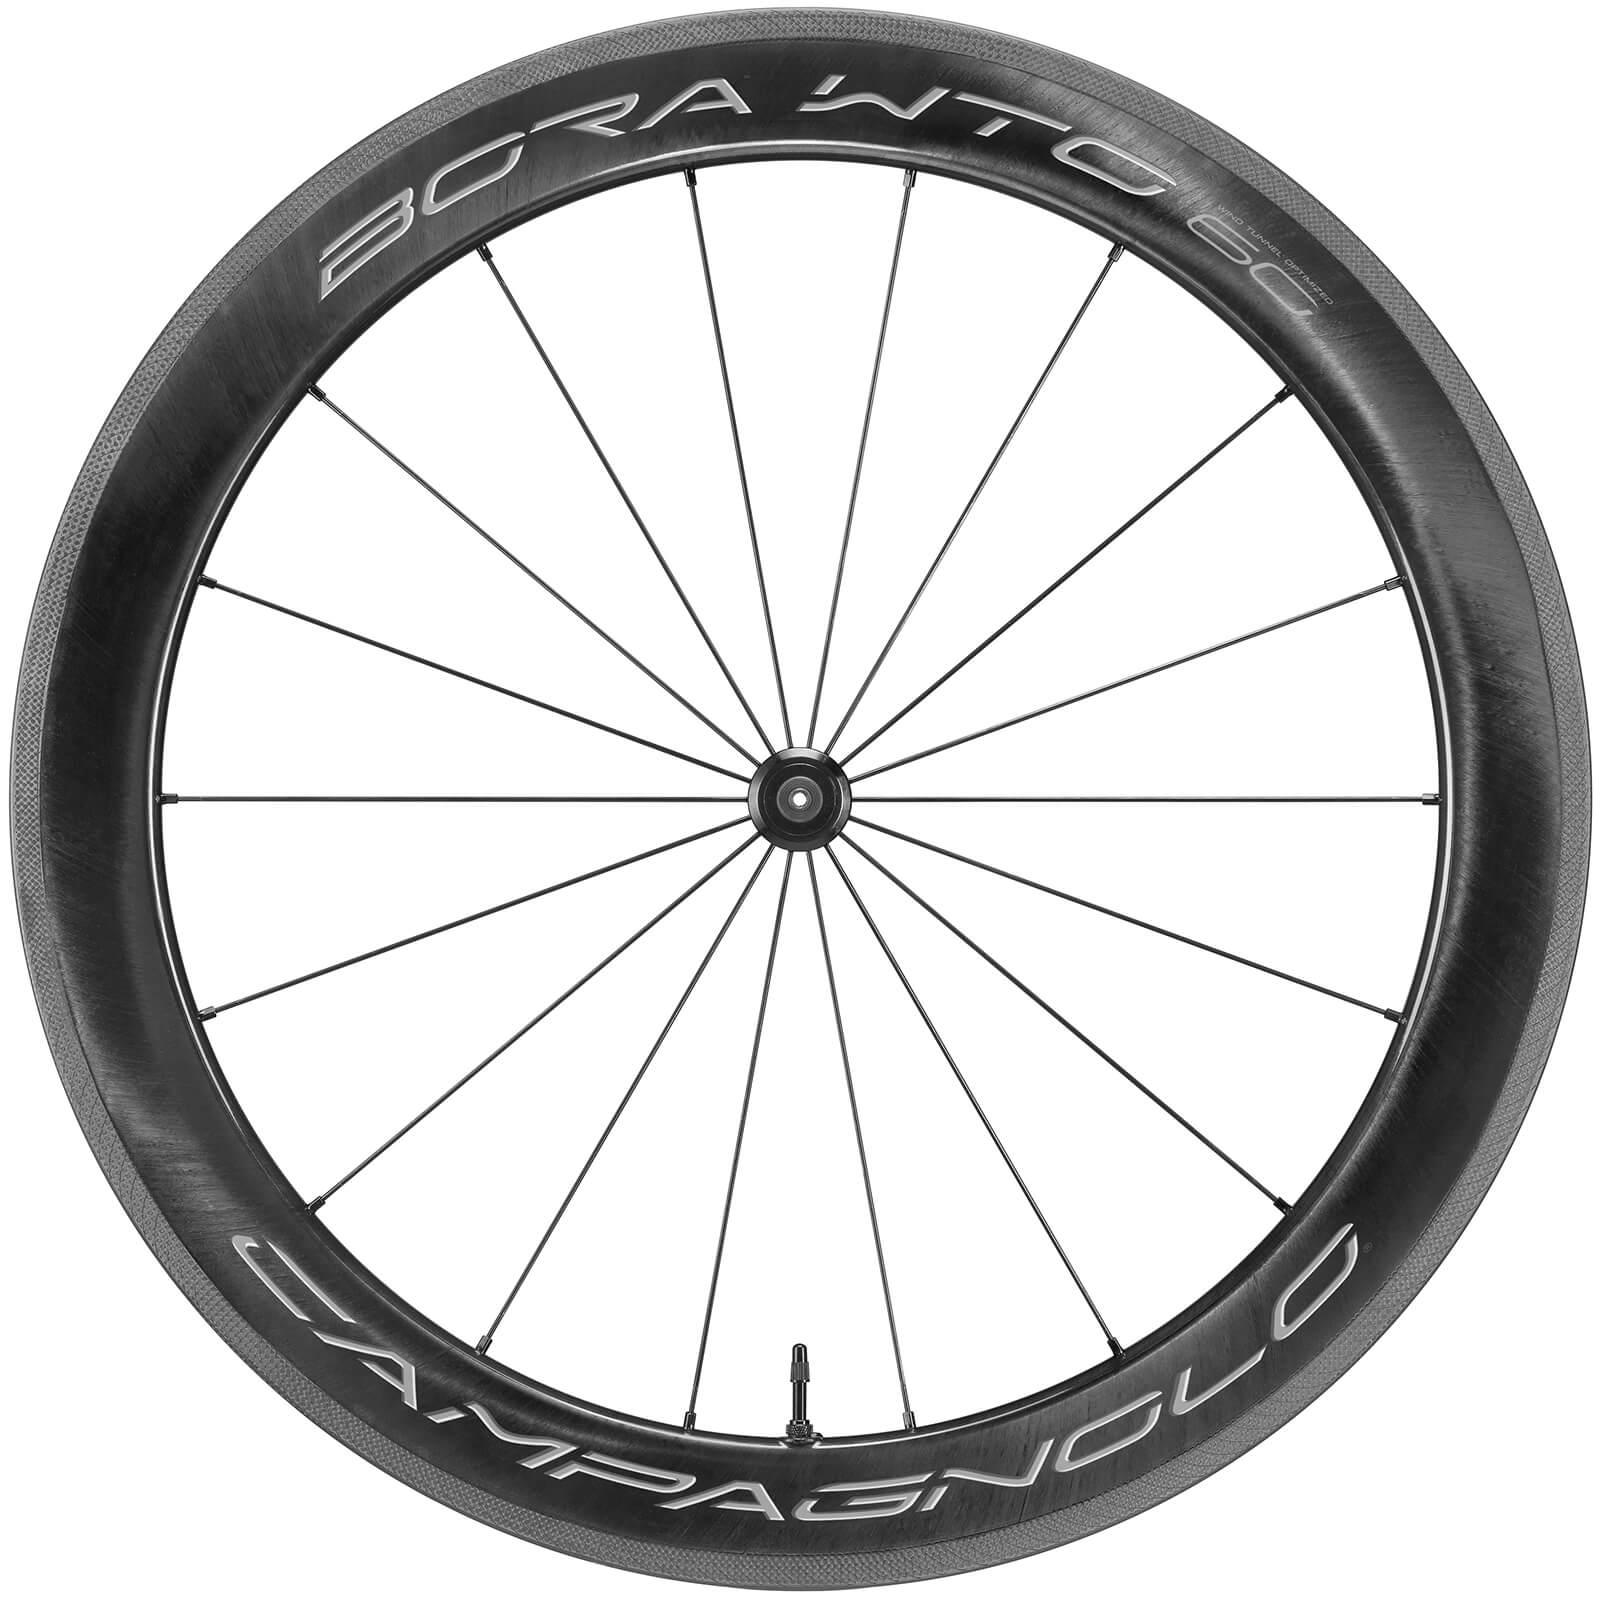 Campagnolo Bora WTO 60 Carbon Clincher Wheelset - Campagnolo - Bright Label